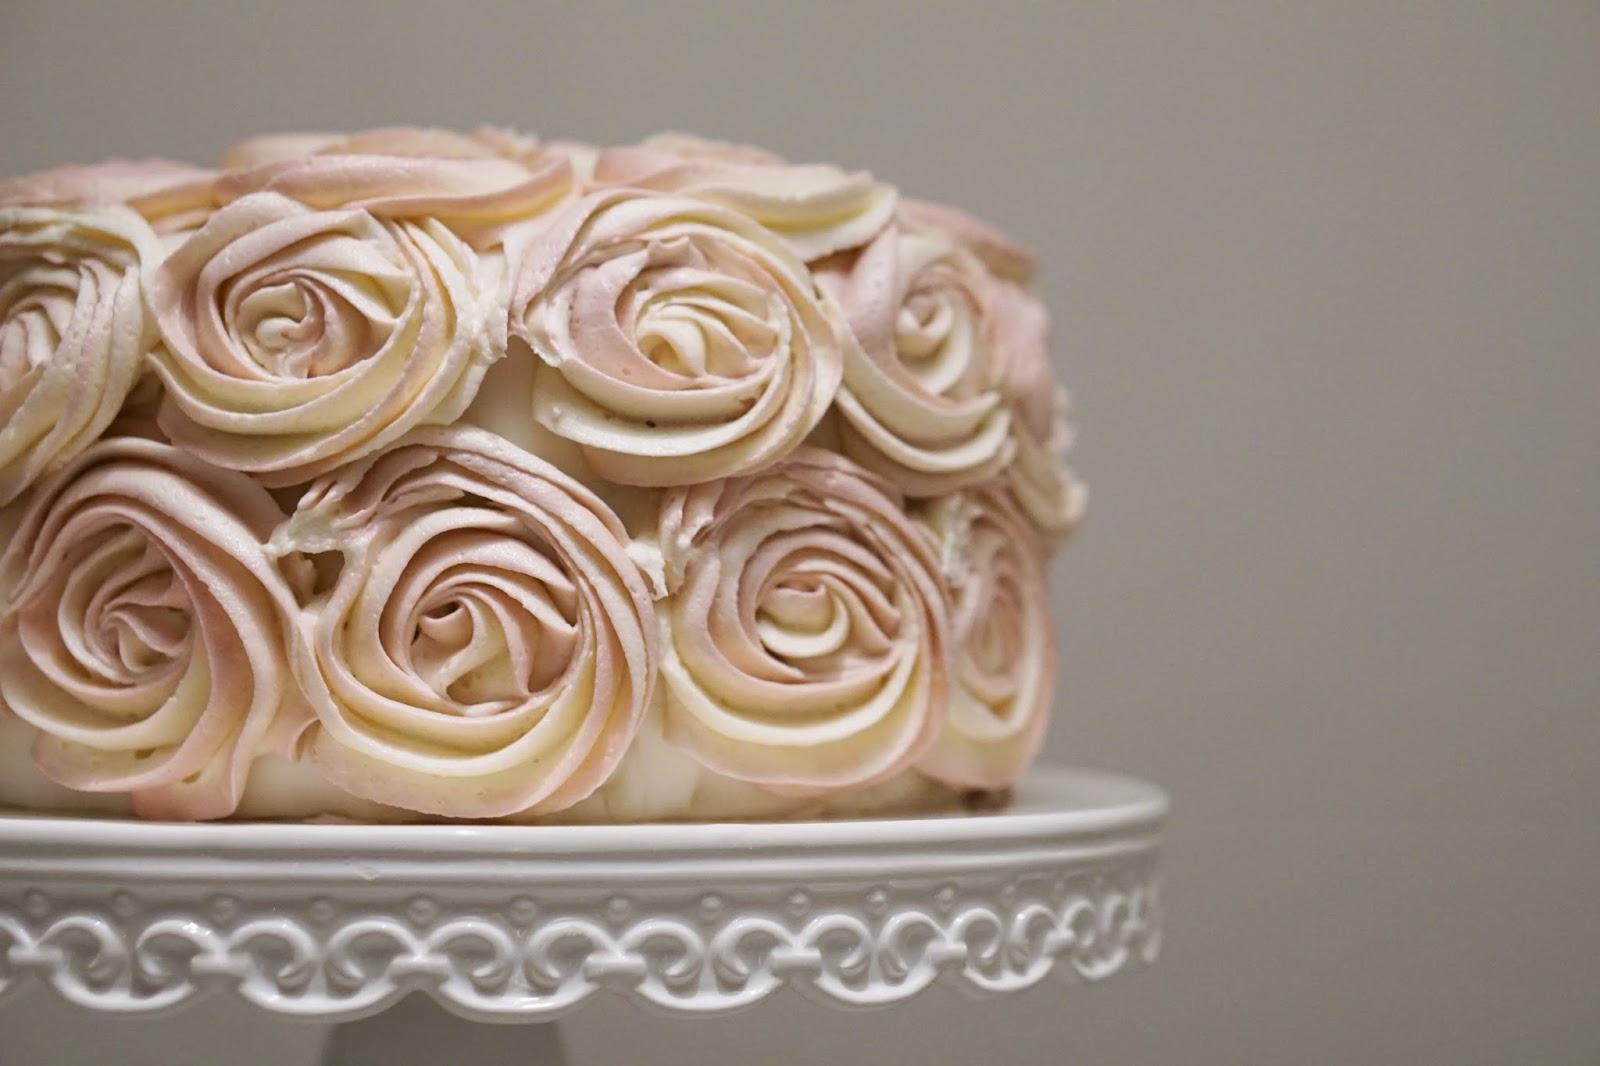 Decorazioni Torte Con Panna Senza E 1o Trucchi Agrodolce